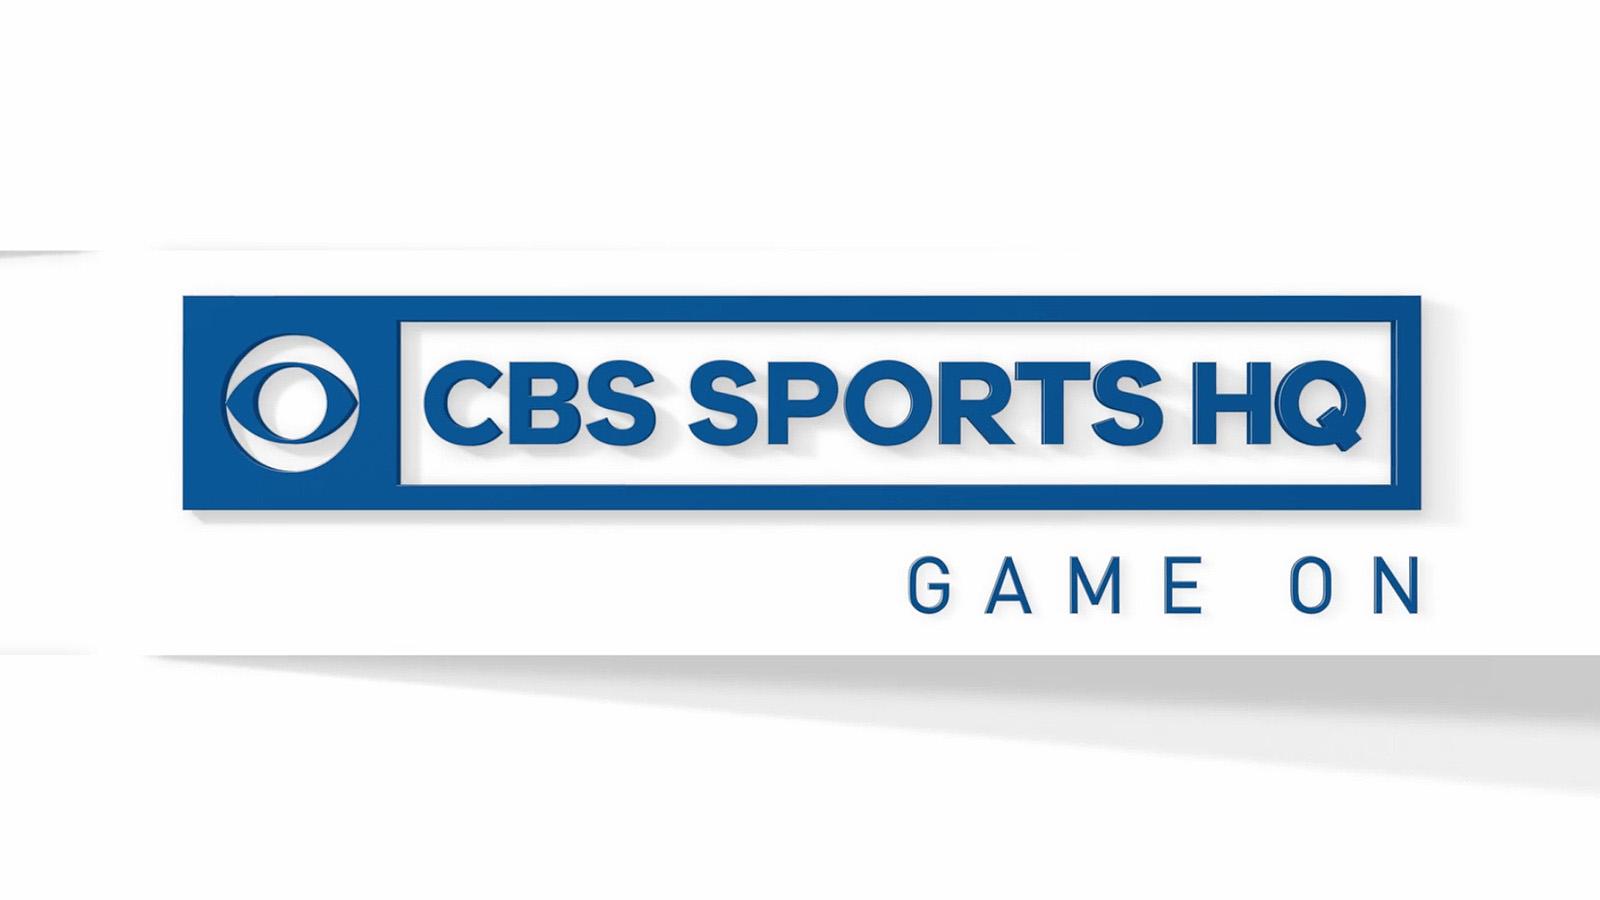 ncs_CBS-Sports-HQ_0006